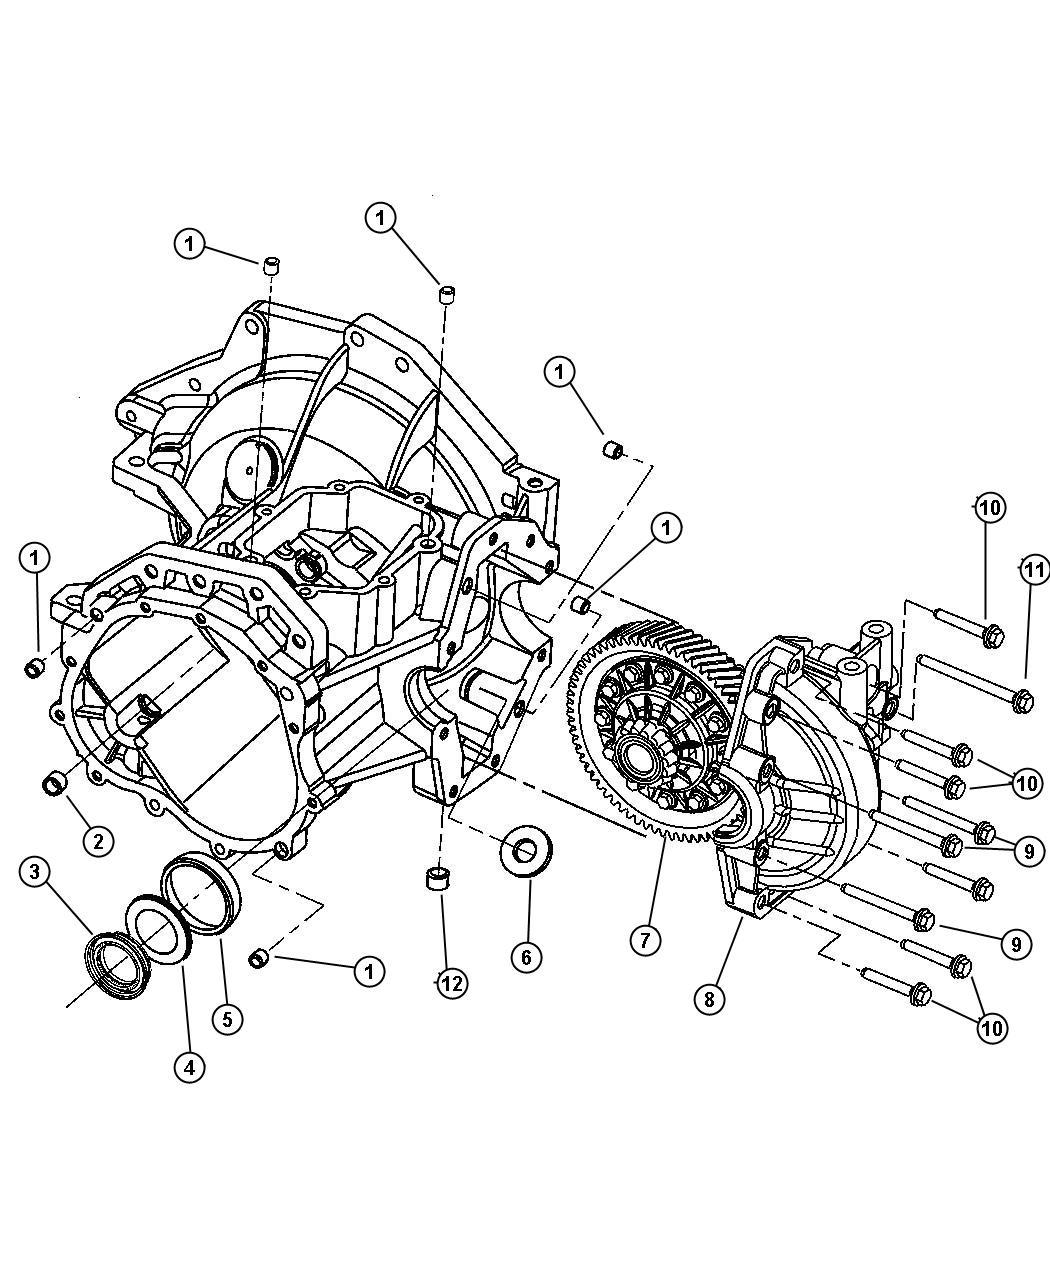 2002 Chrysler Sebring 2.7L V6 DOHC 24 Valve MPI, 5-Speed